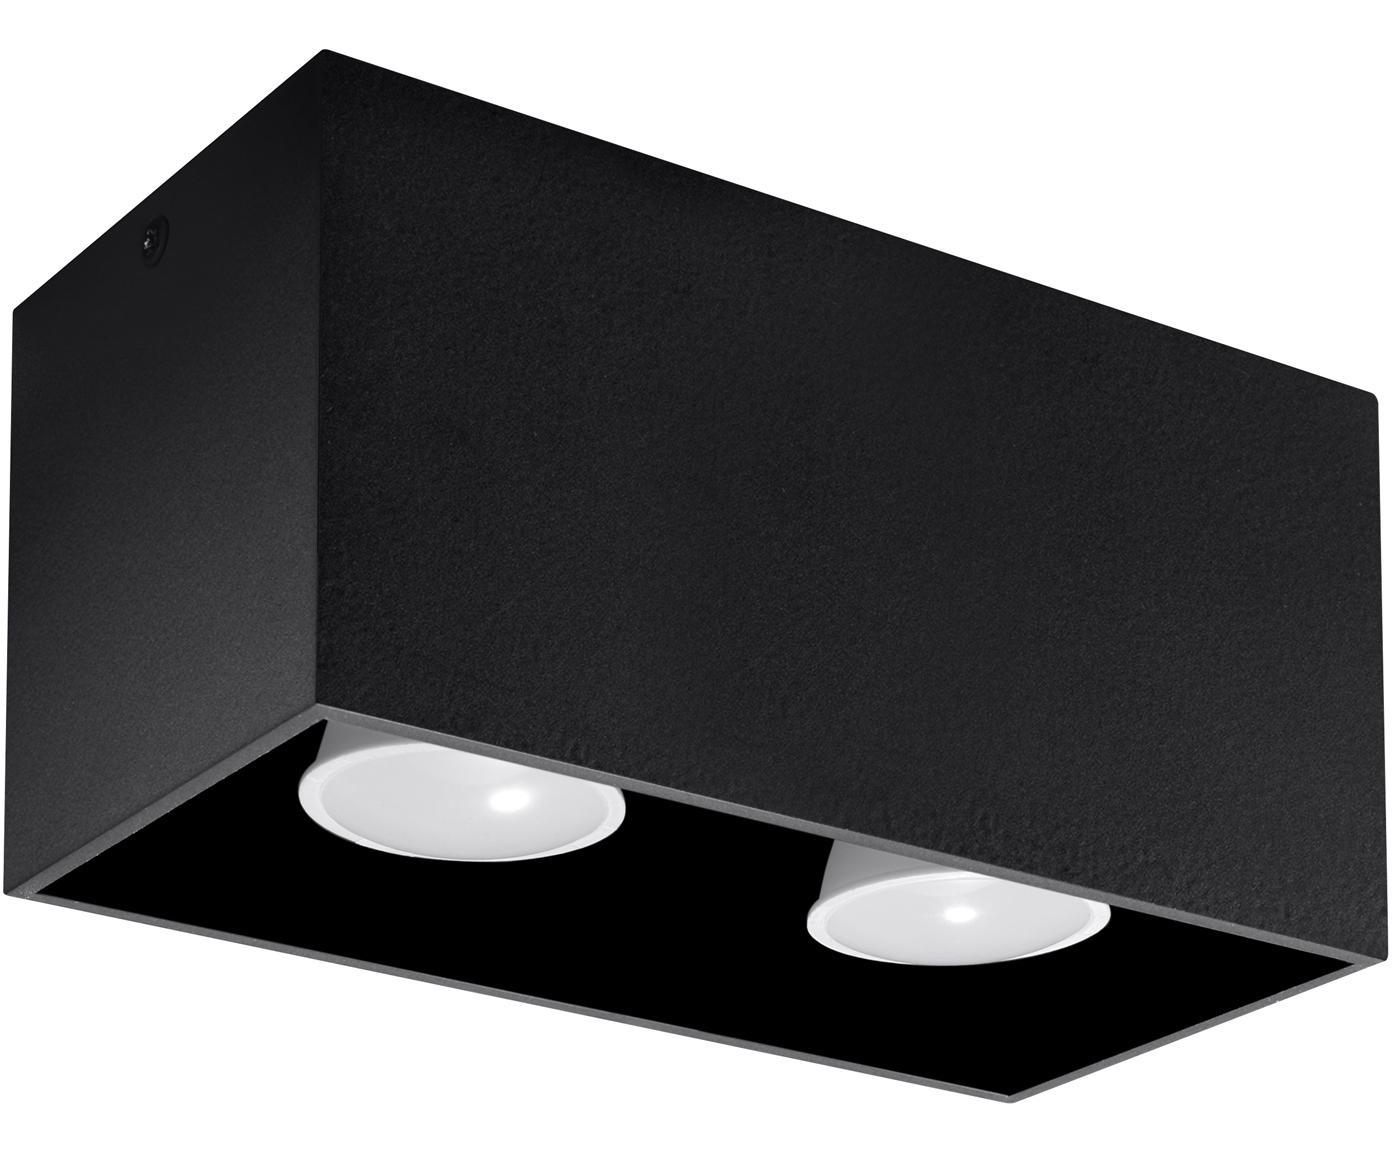 Lampa sufitowa Geo, Aluminium, Czarny, S 20 x W 10 cm